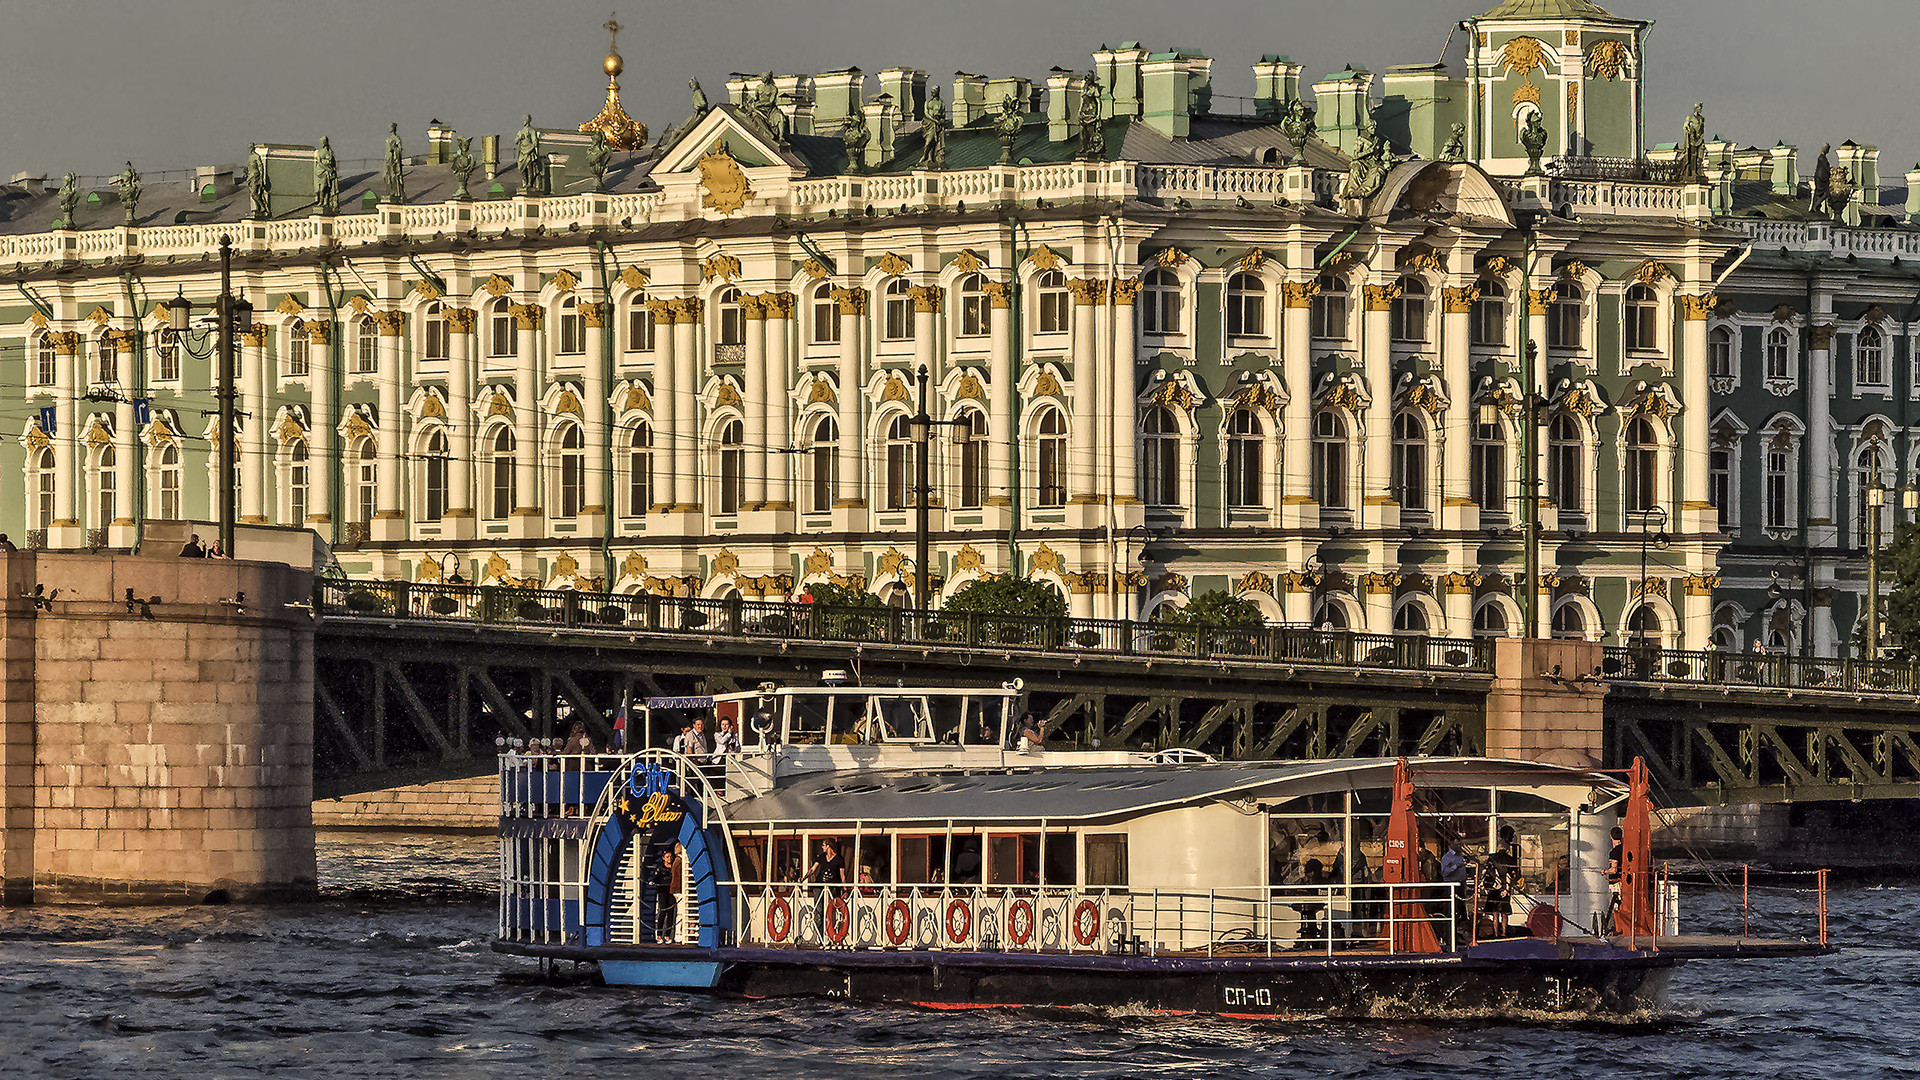 WINTERPALAST, Sankt Petersburg